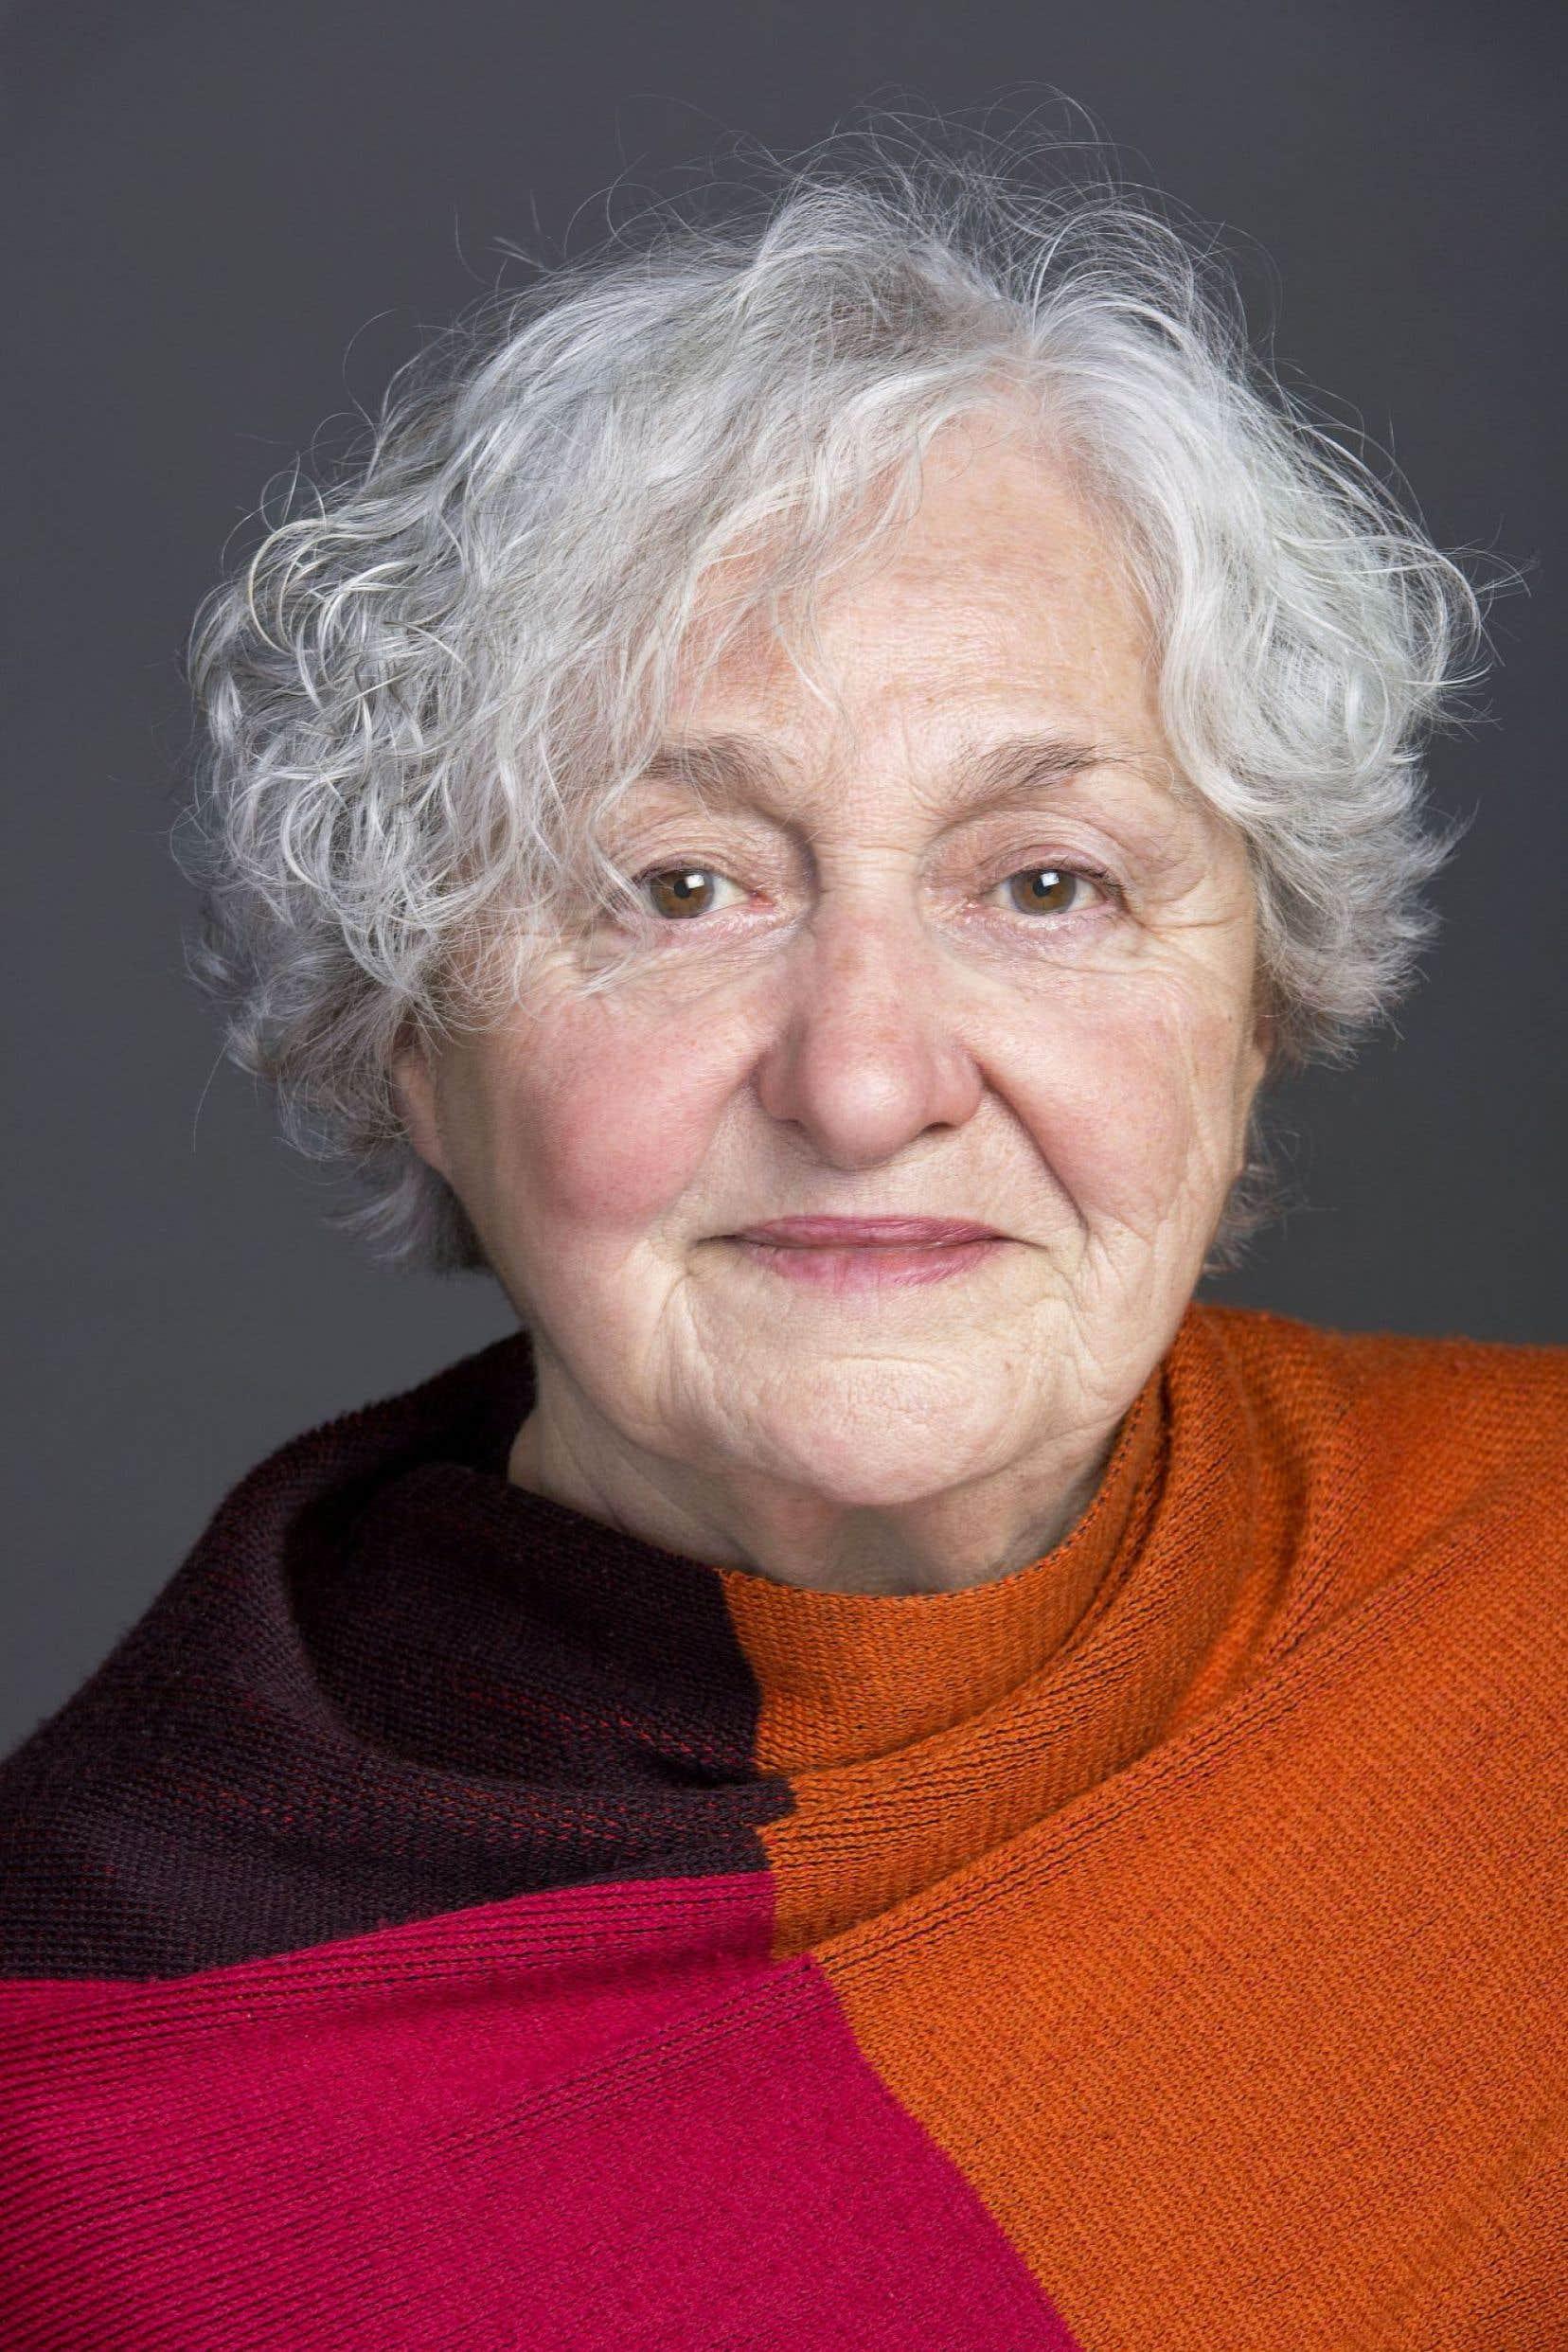 C'est en 1946, en 5eannée du primaire, que s'éveille la conscience politique d'Andrée Ferretti. Aujourd'hui, à 80ans, elle raconte son parcours politique et son désir d'indépendance avec intelligence, fougue et simplicité.